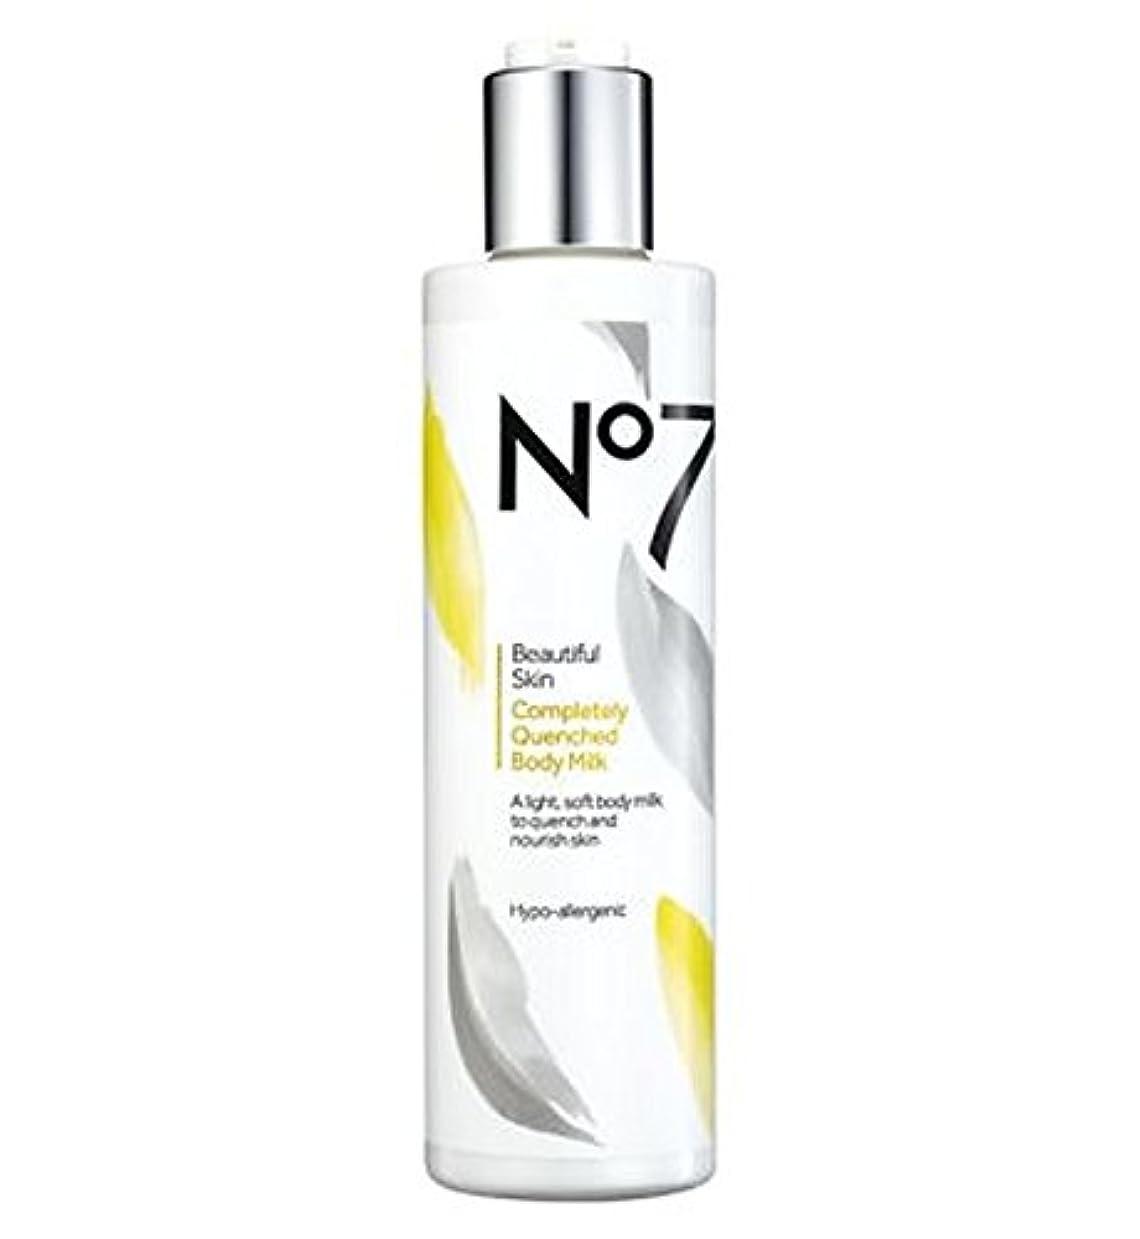 疎外現実的追加No7 Beautiful Skin Completely Quenched Body Milk - No7美しい肌完全に急冷ボディミルク (No7) [並行輸入品]